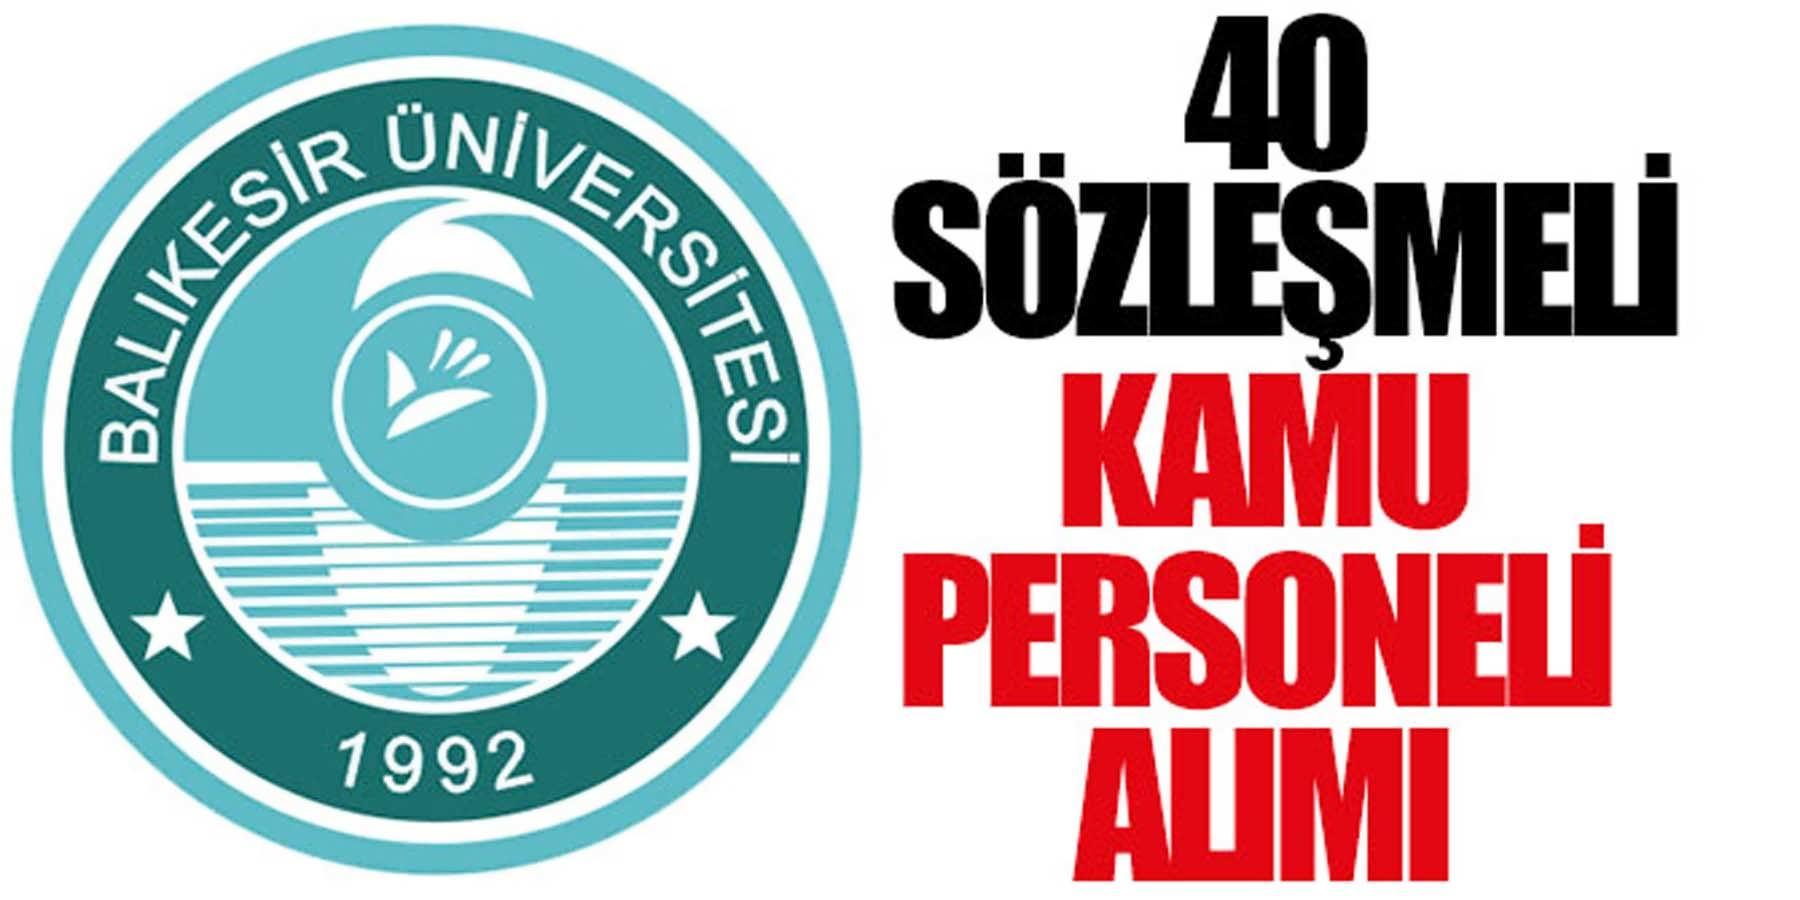 Balıkesir Üniversitesi 40 Kamu Personeli Alımı